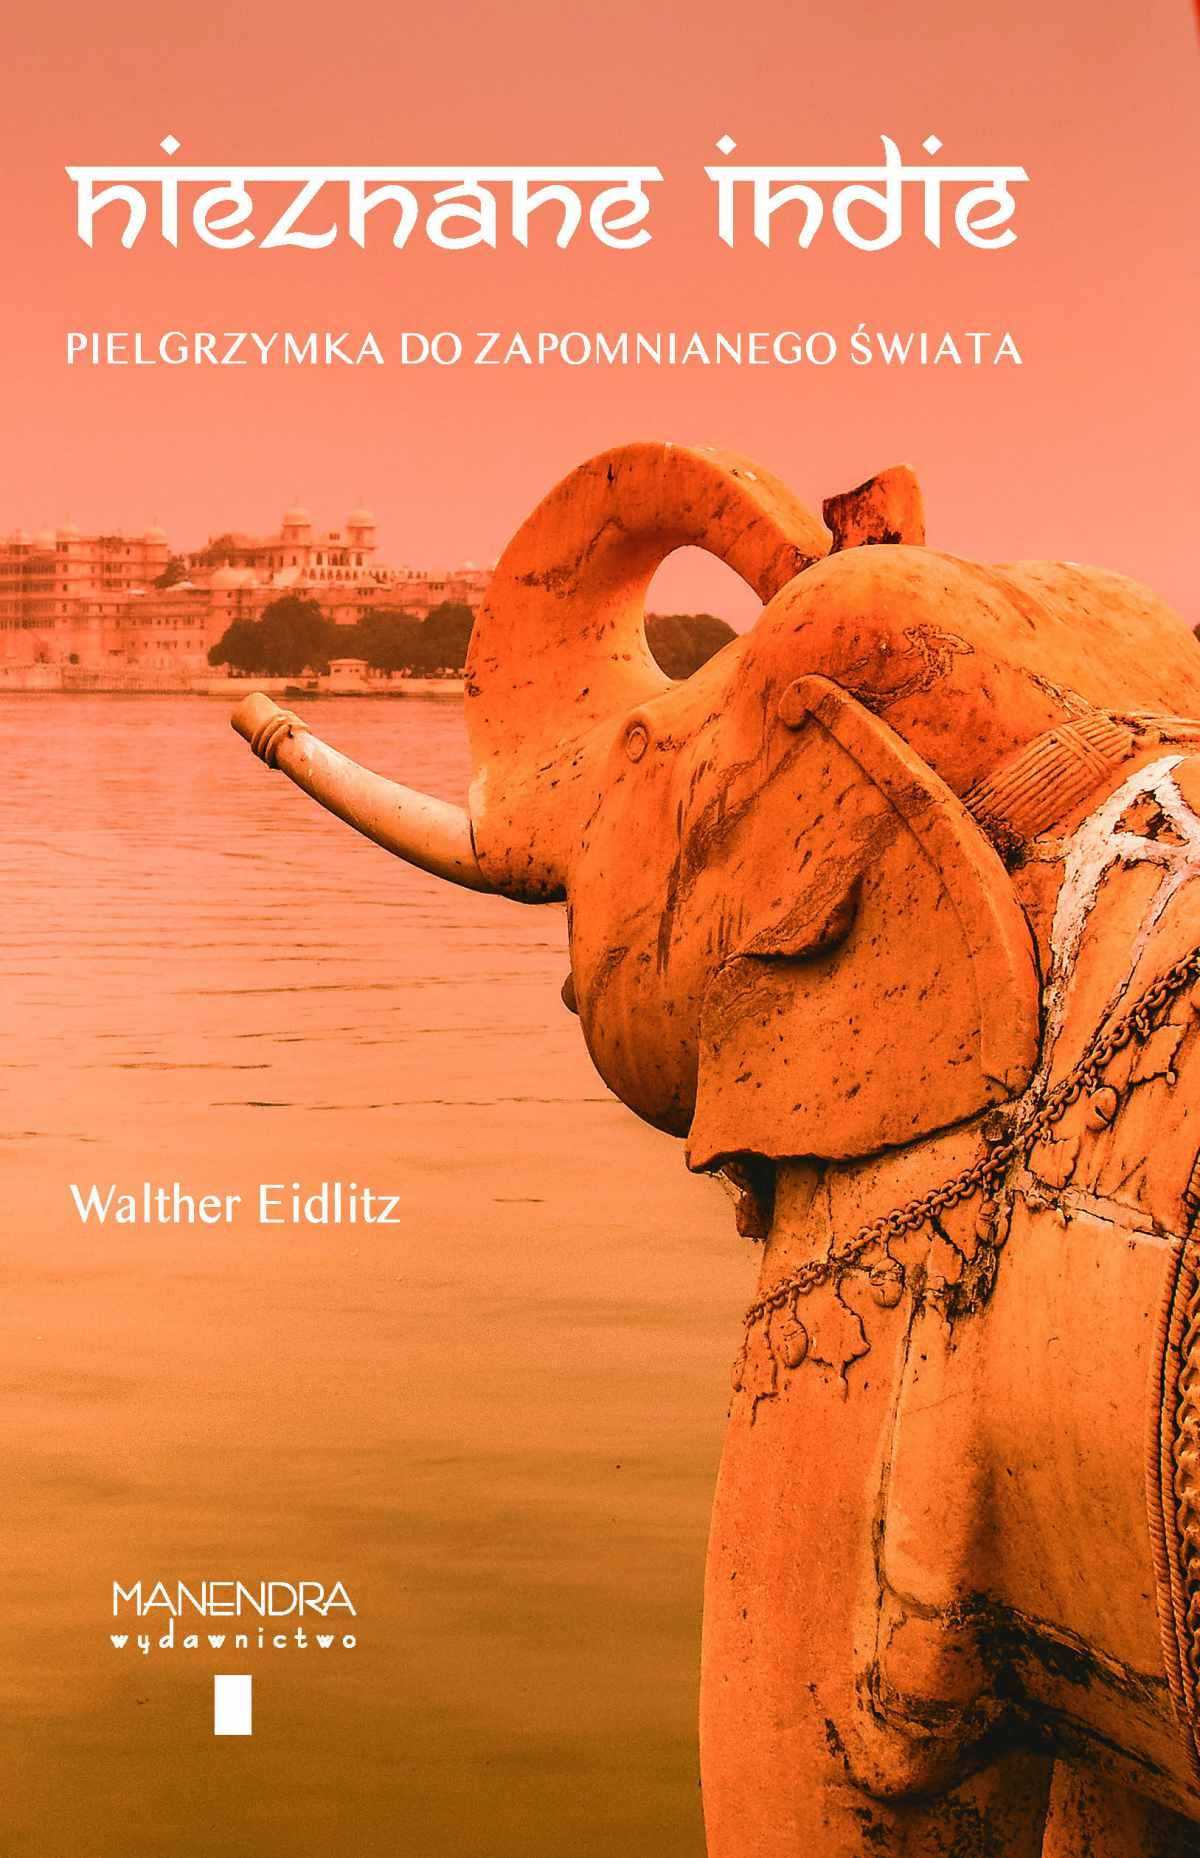 Nieznane Indie. Pielgrzymka do zapomnianego świata - Ebook (Książka na Kindle) do pobrania w formacie MOBI